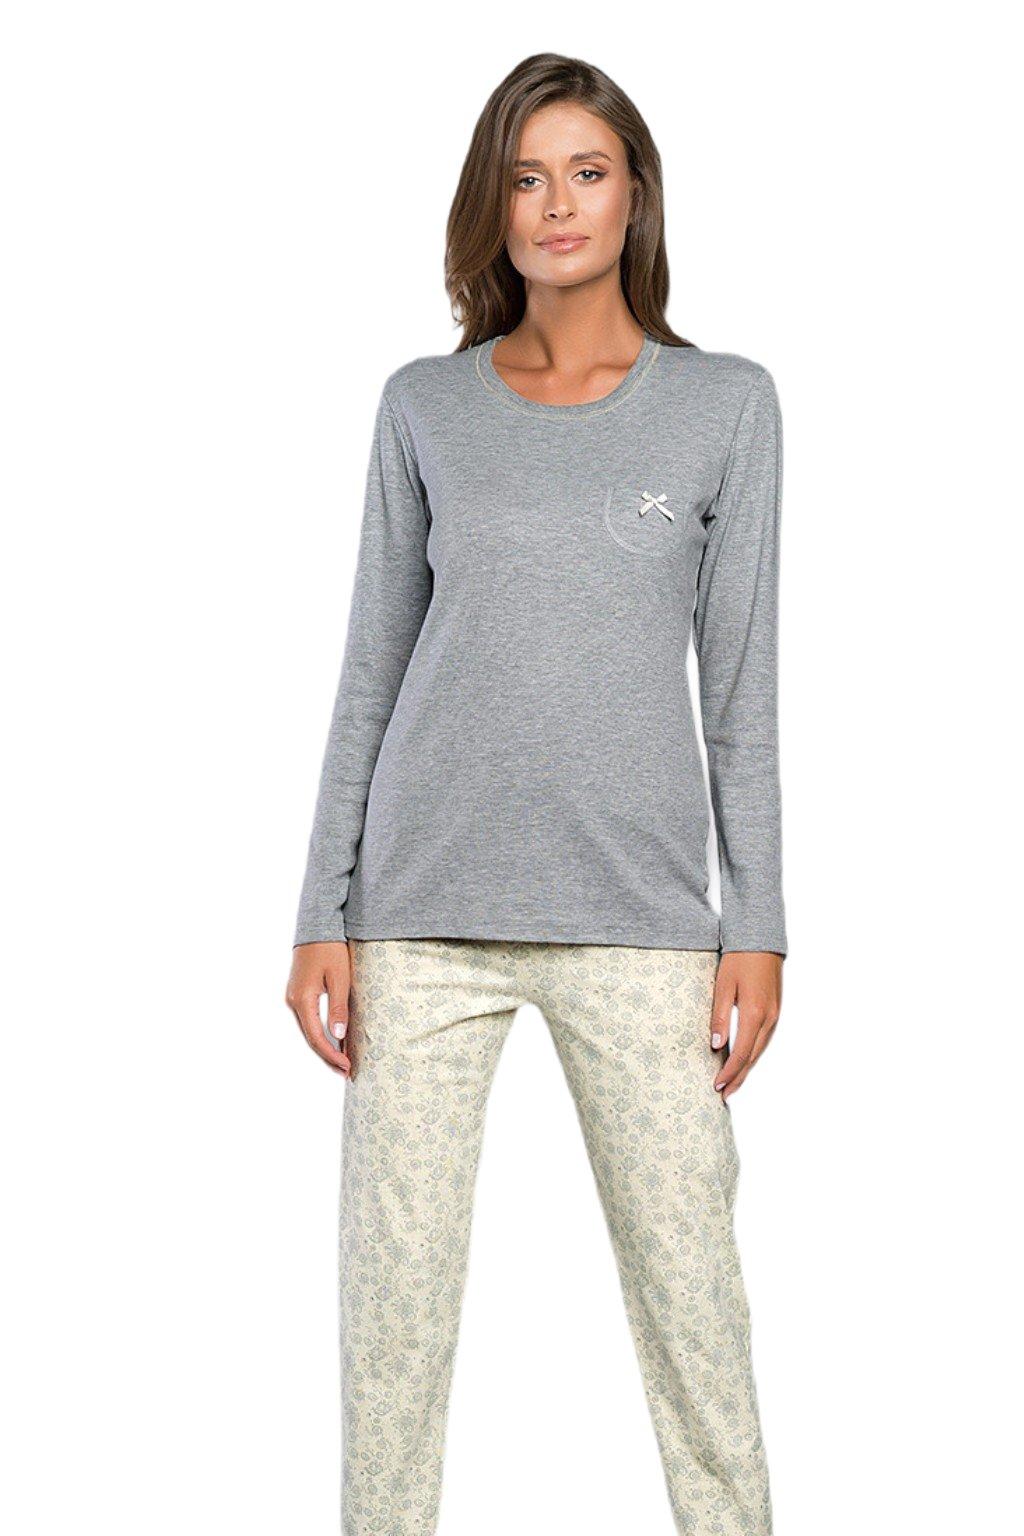 Dámské pyžamo s dlouhým rukávem Italian Fashion Trina.